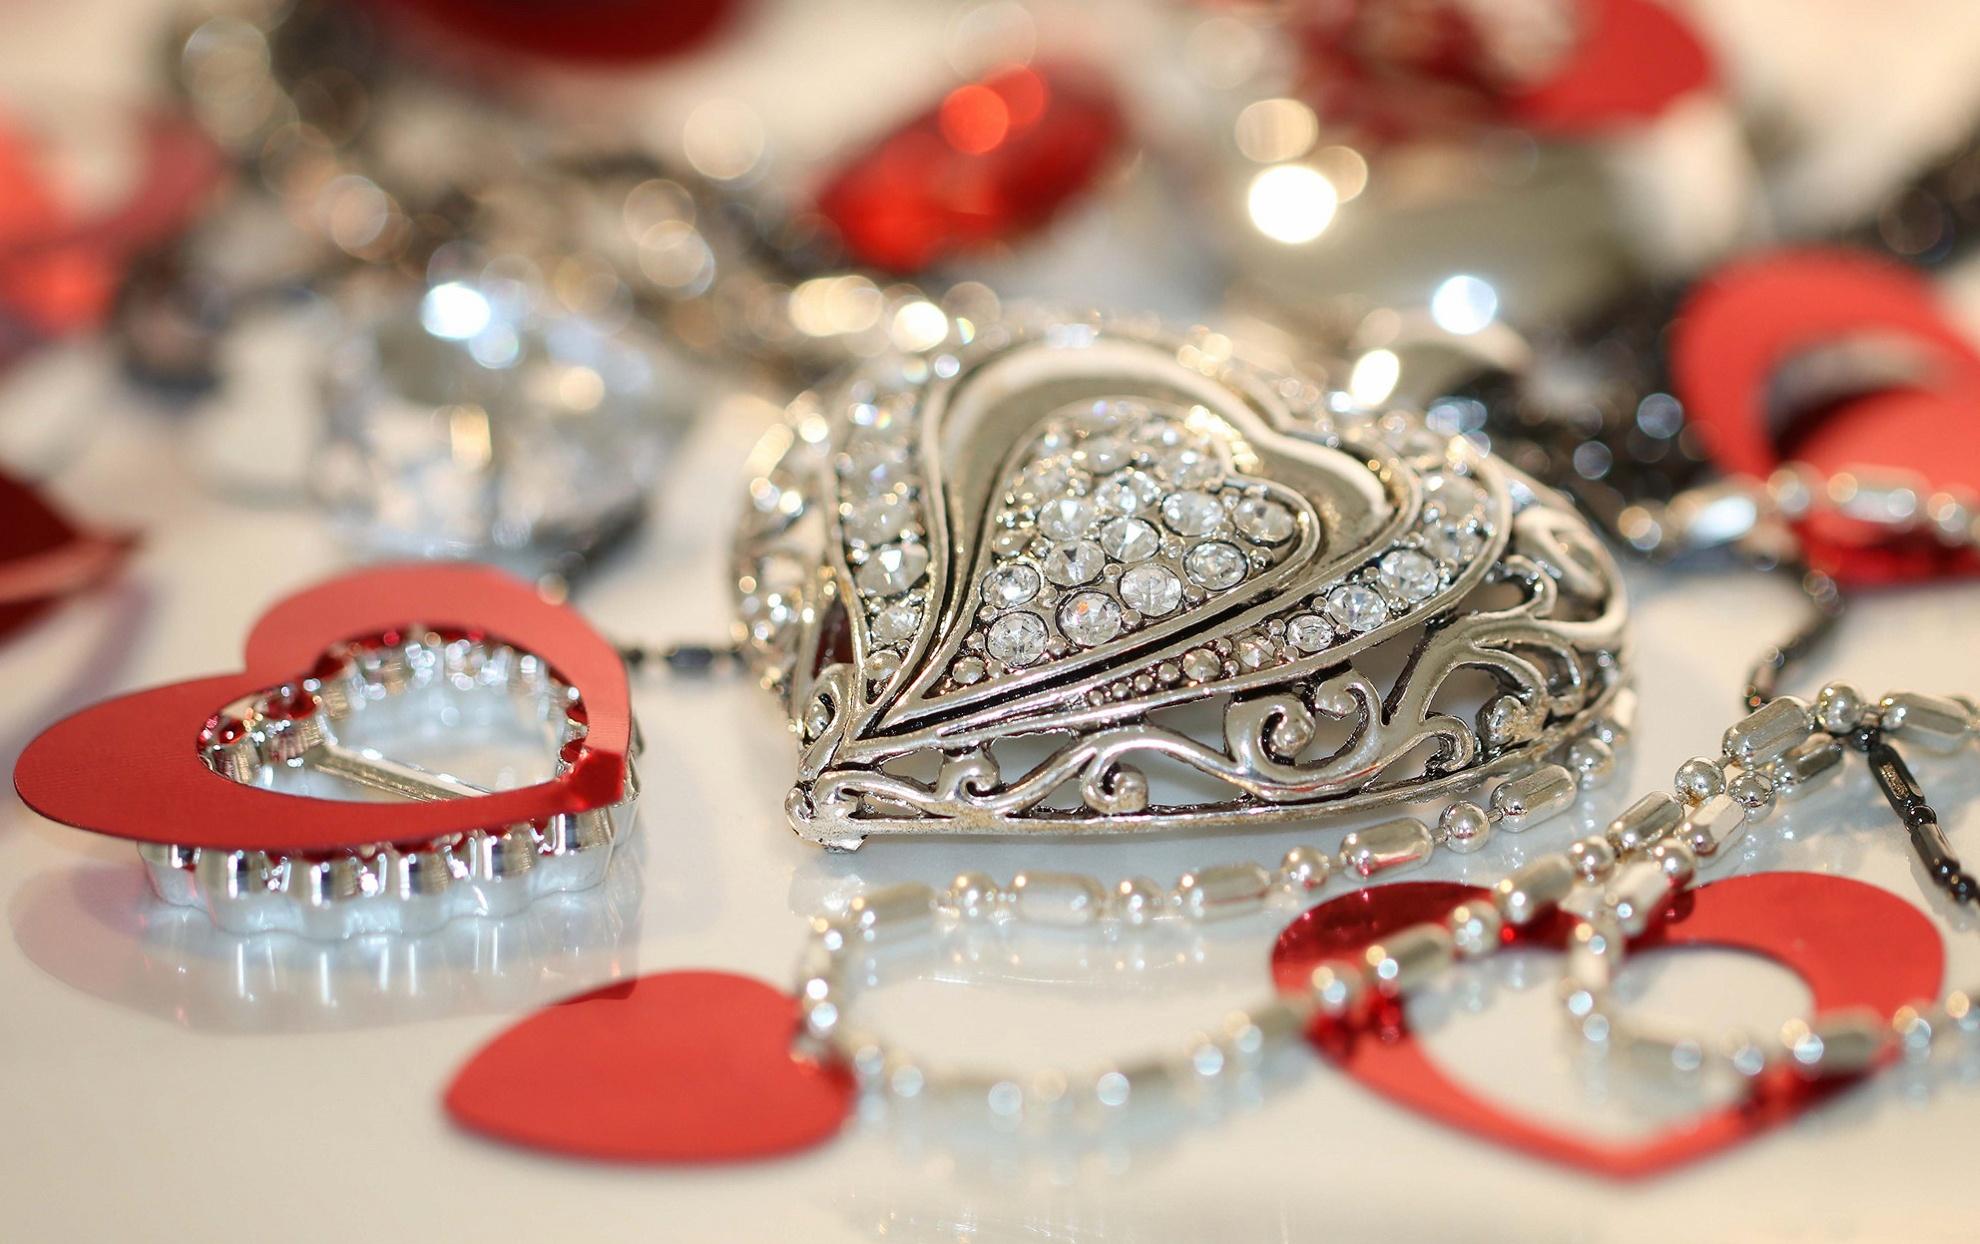 Сердца драгоценности камни бесплатно